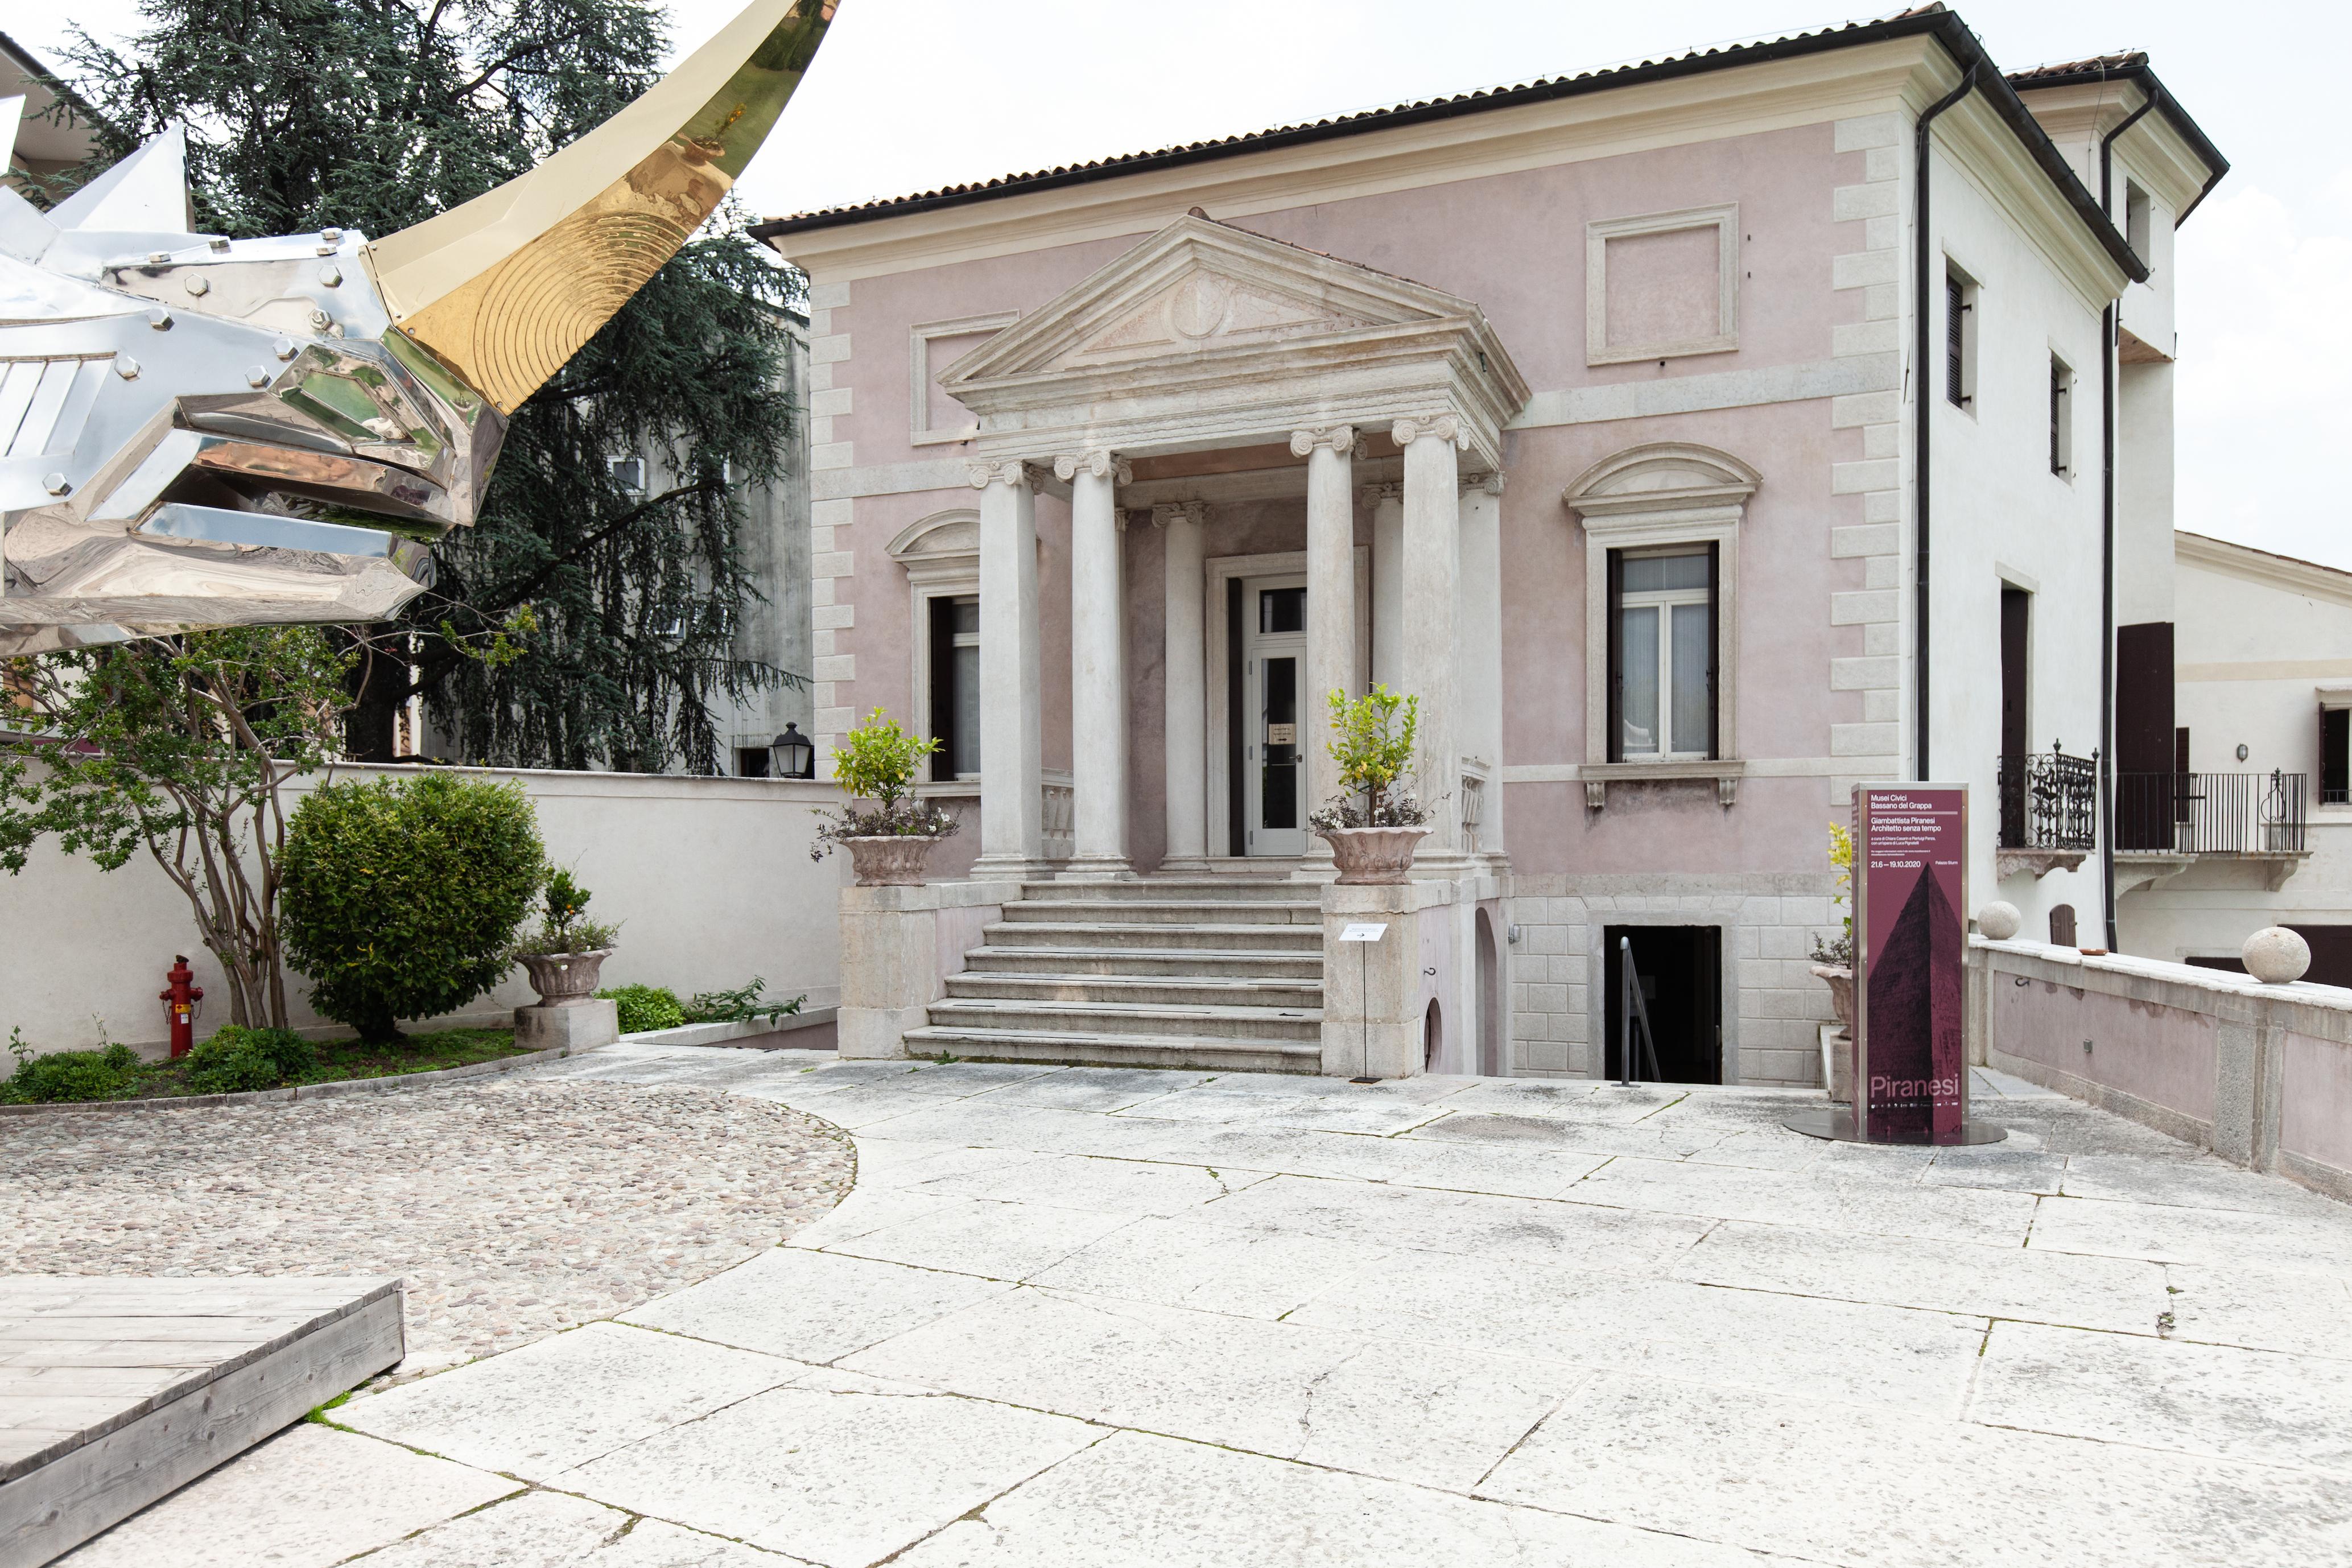 Palazzo Sturm